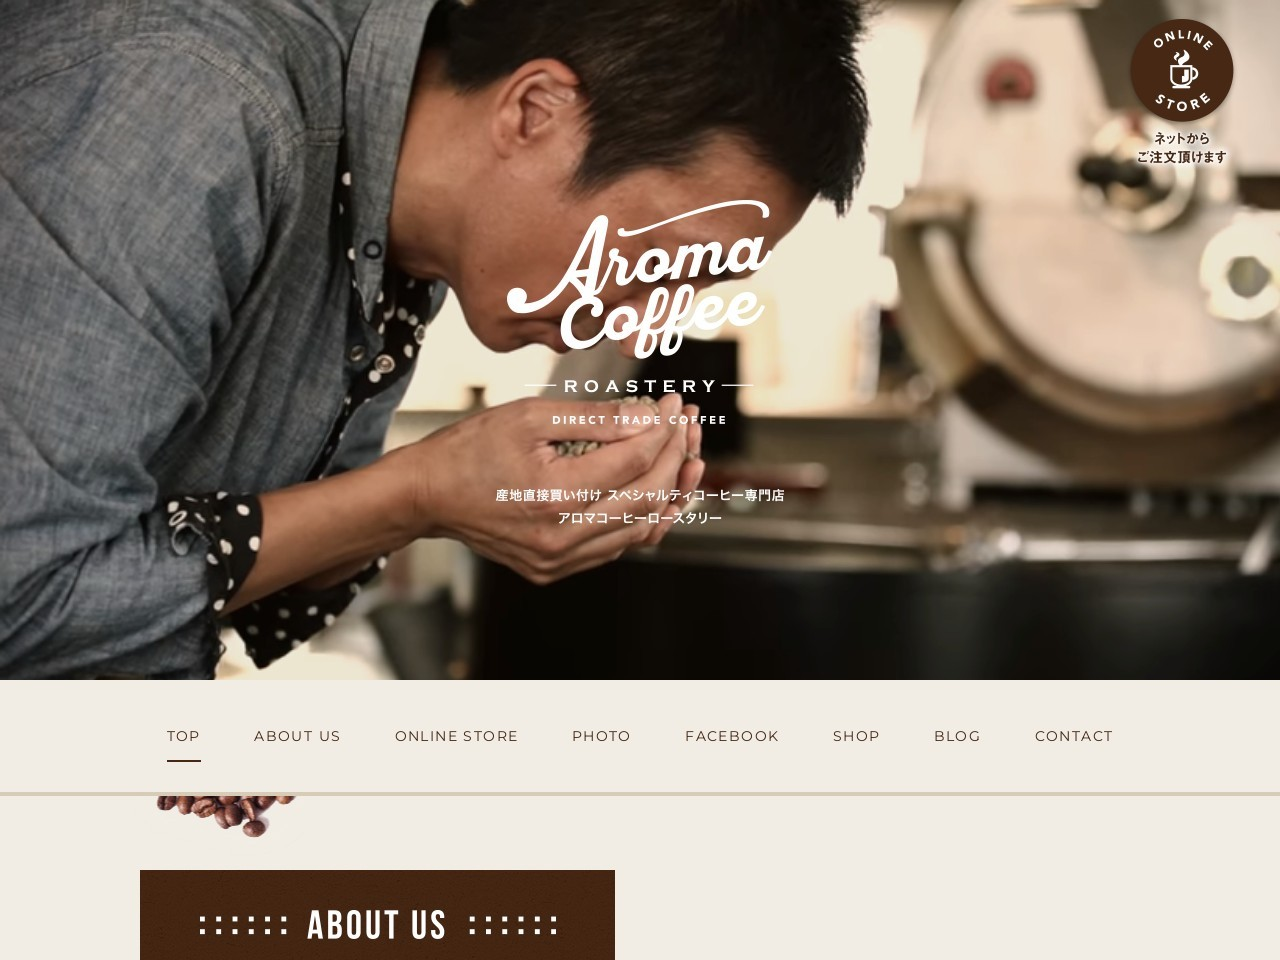 スペシャルティコーヒー専門店アロマコーヒーロースタリー[Aroma Coffee Roastery]